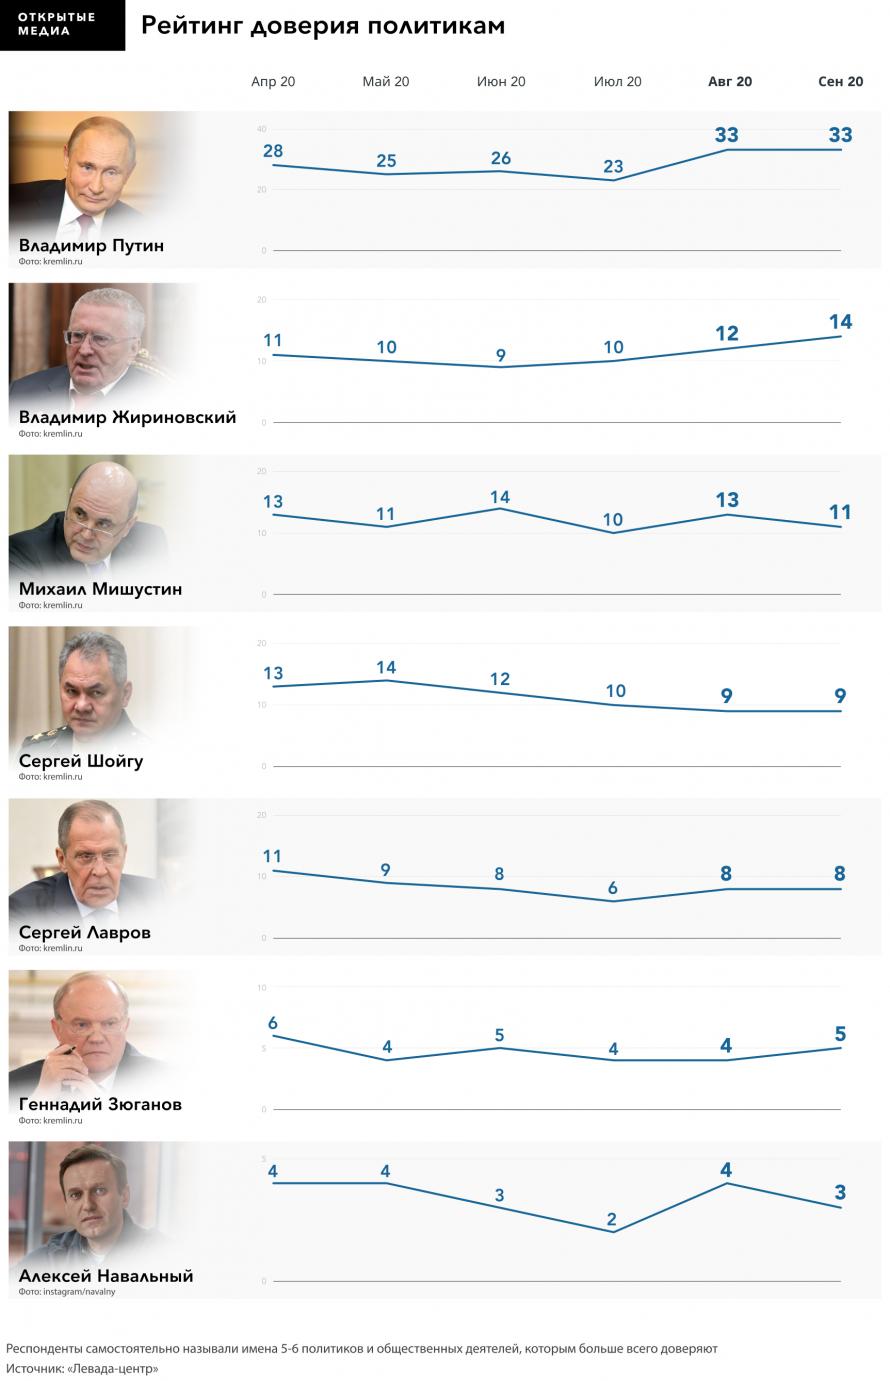 Рейтинг-доверия-политикам.png